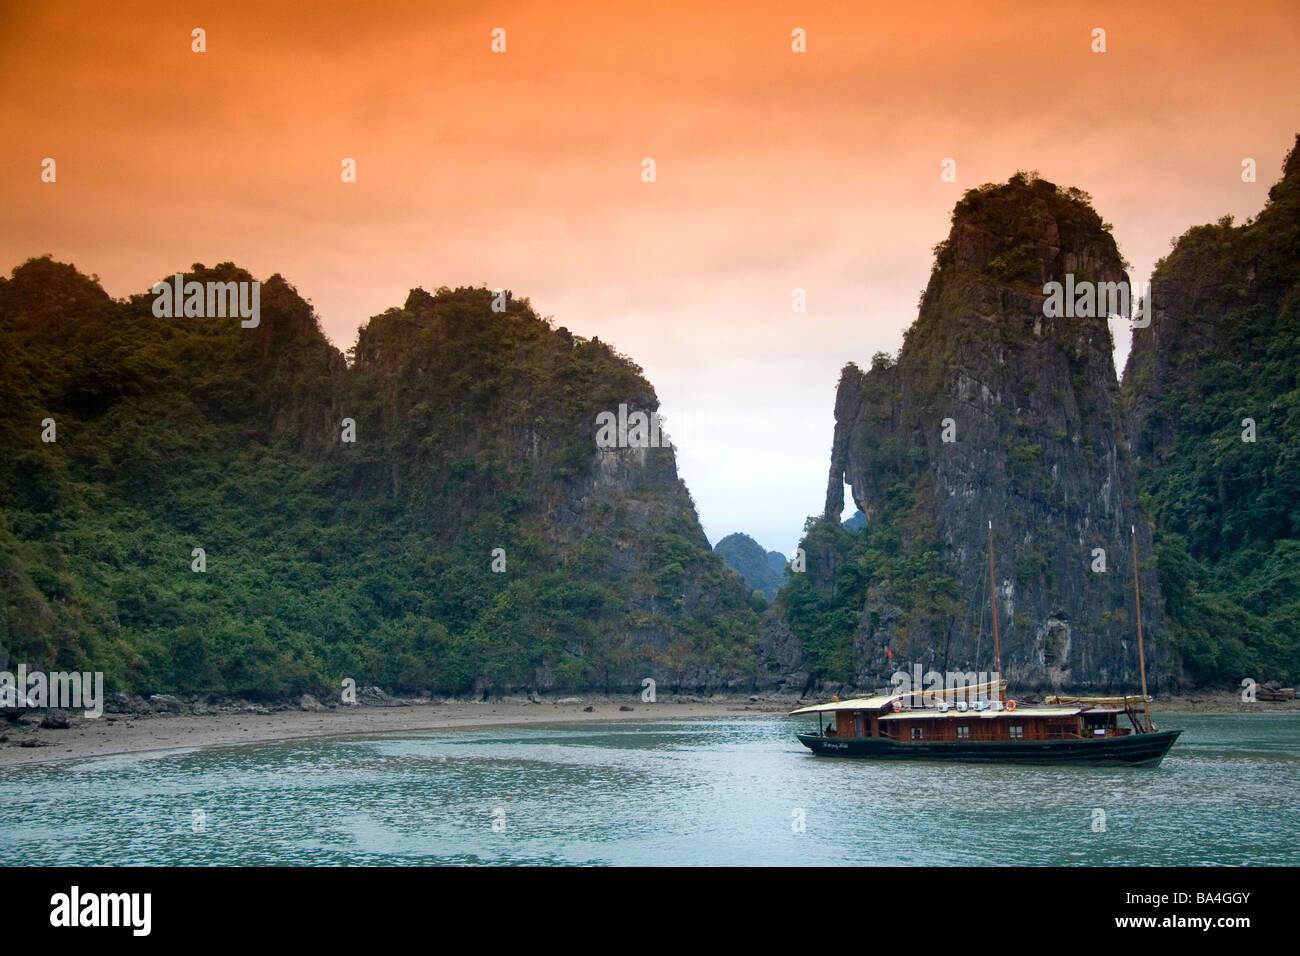 Malerische Ausblicke auf Kalkstein Karst und Ausflugsboote in Ha Long Bay Vietnam Stockbild